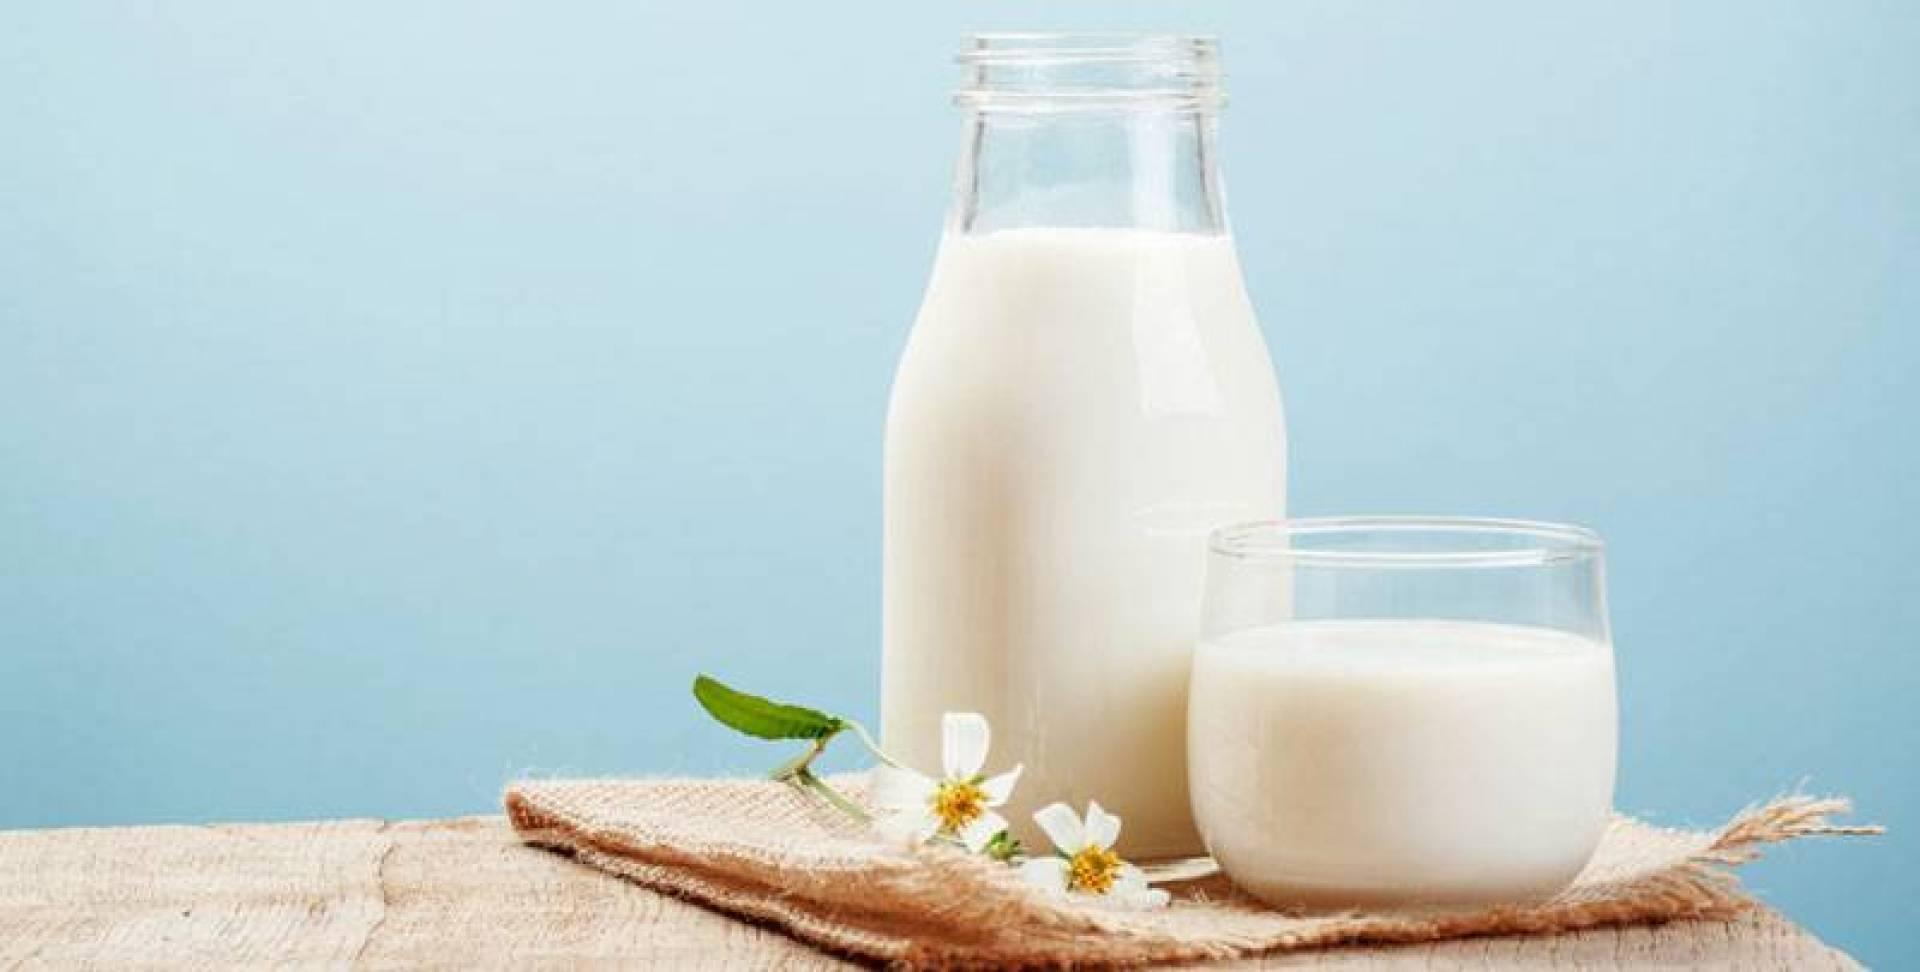 تناول الحليب يومياً قد ينقذك من أمراض القلب